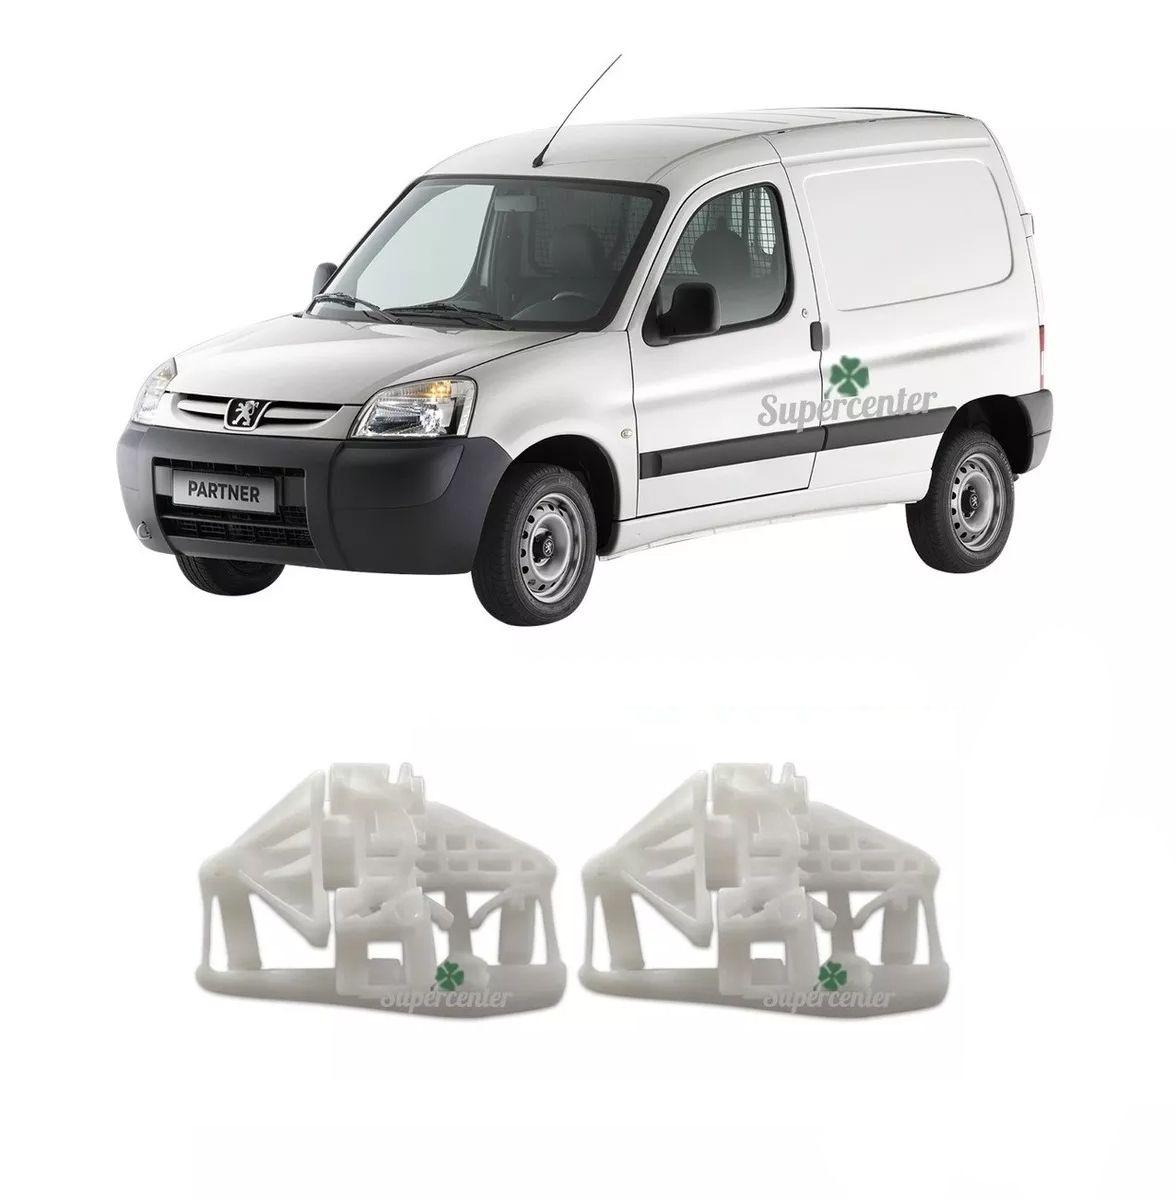 Par Arraste Máquina do Vidro Dianteiro Peugeot Partner Berlingo